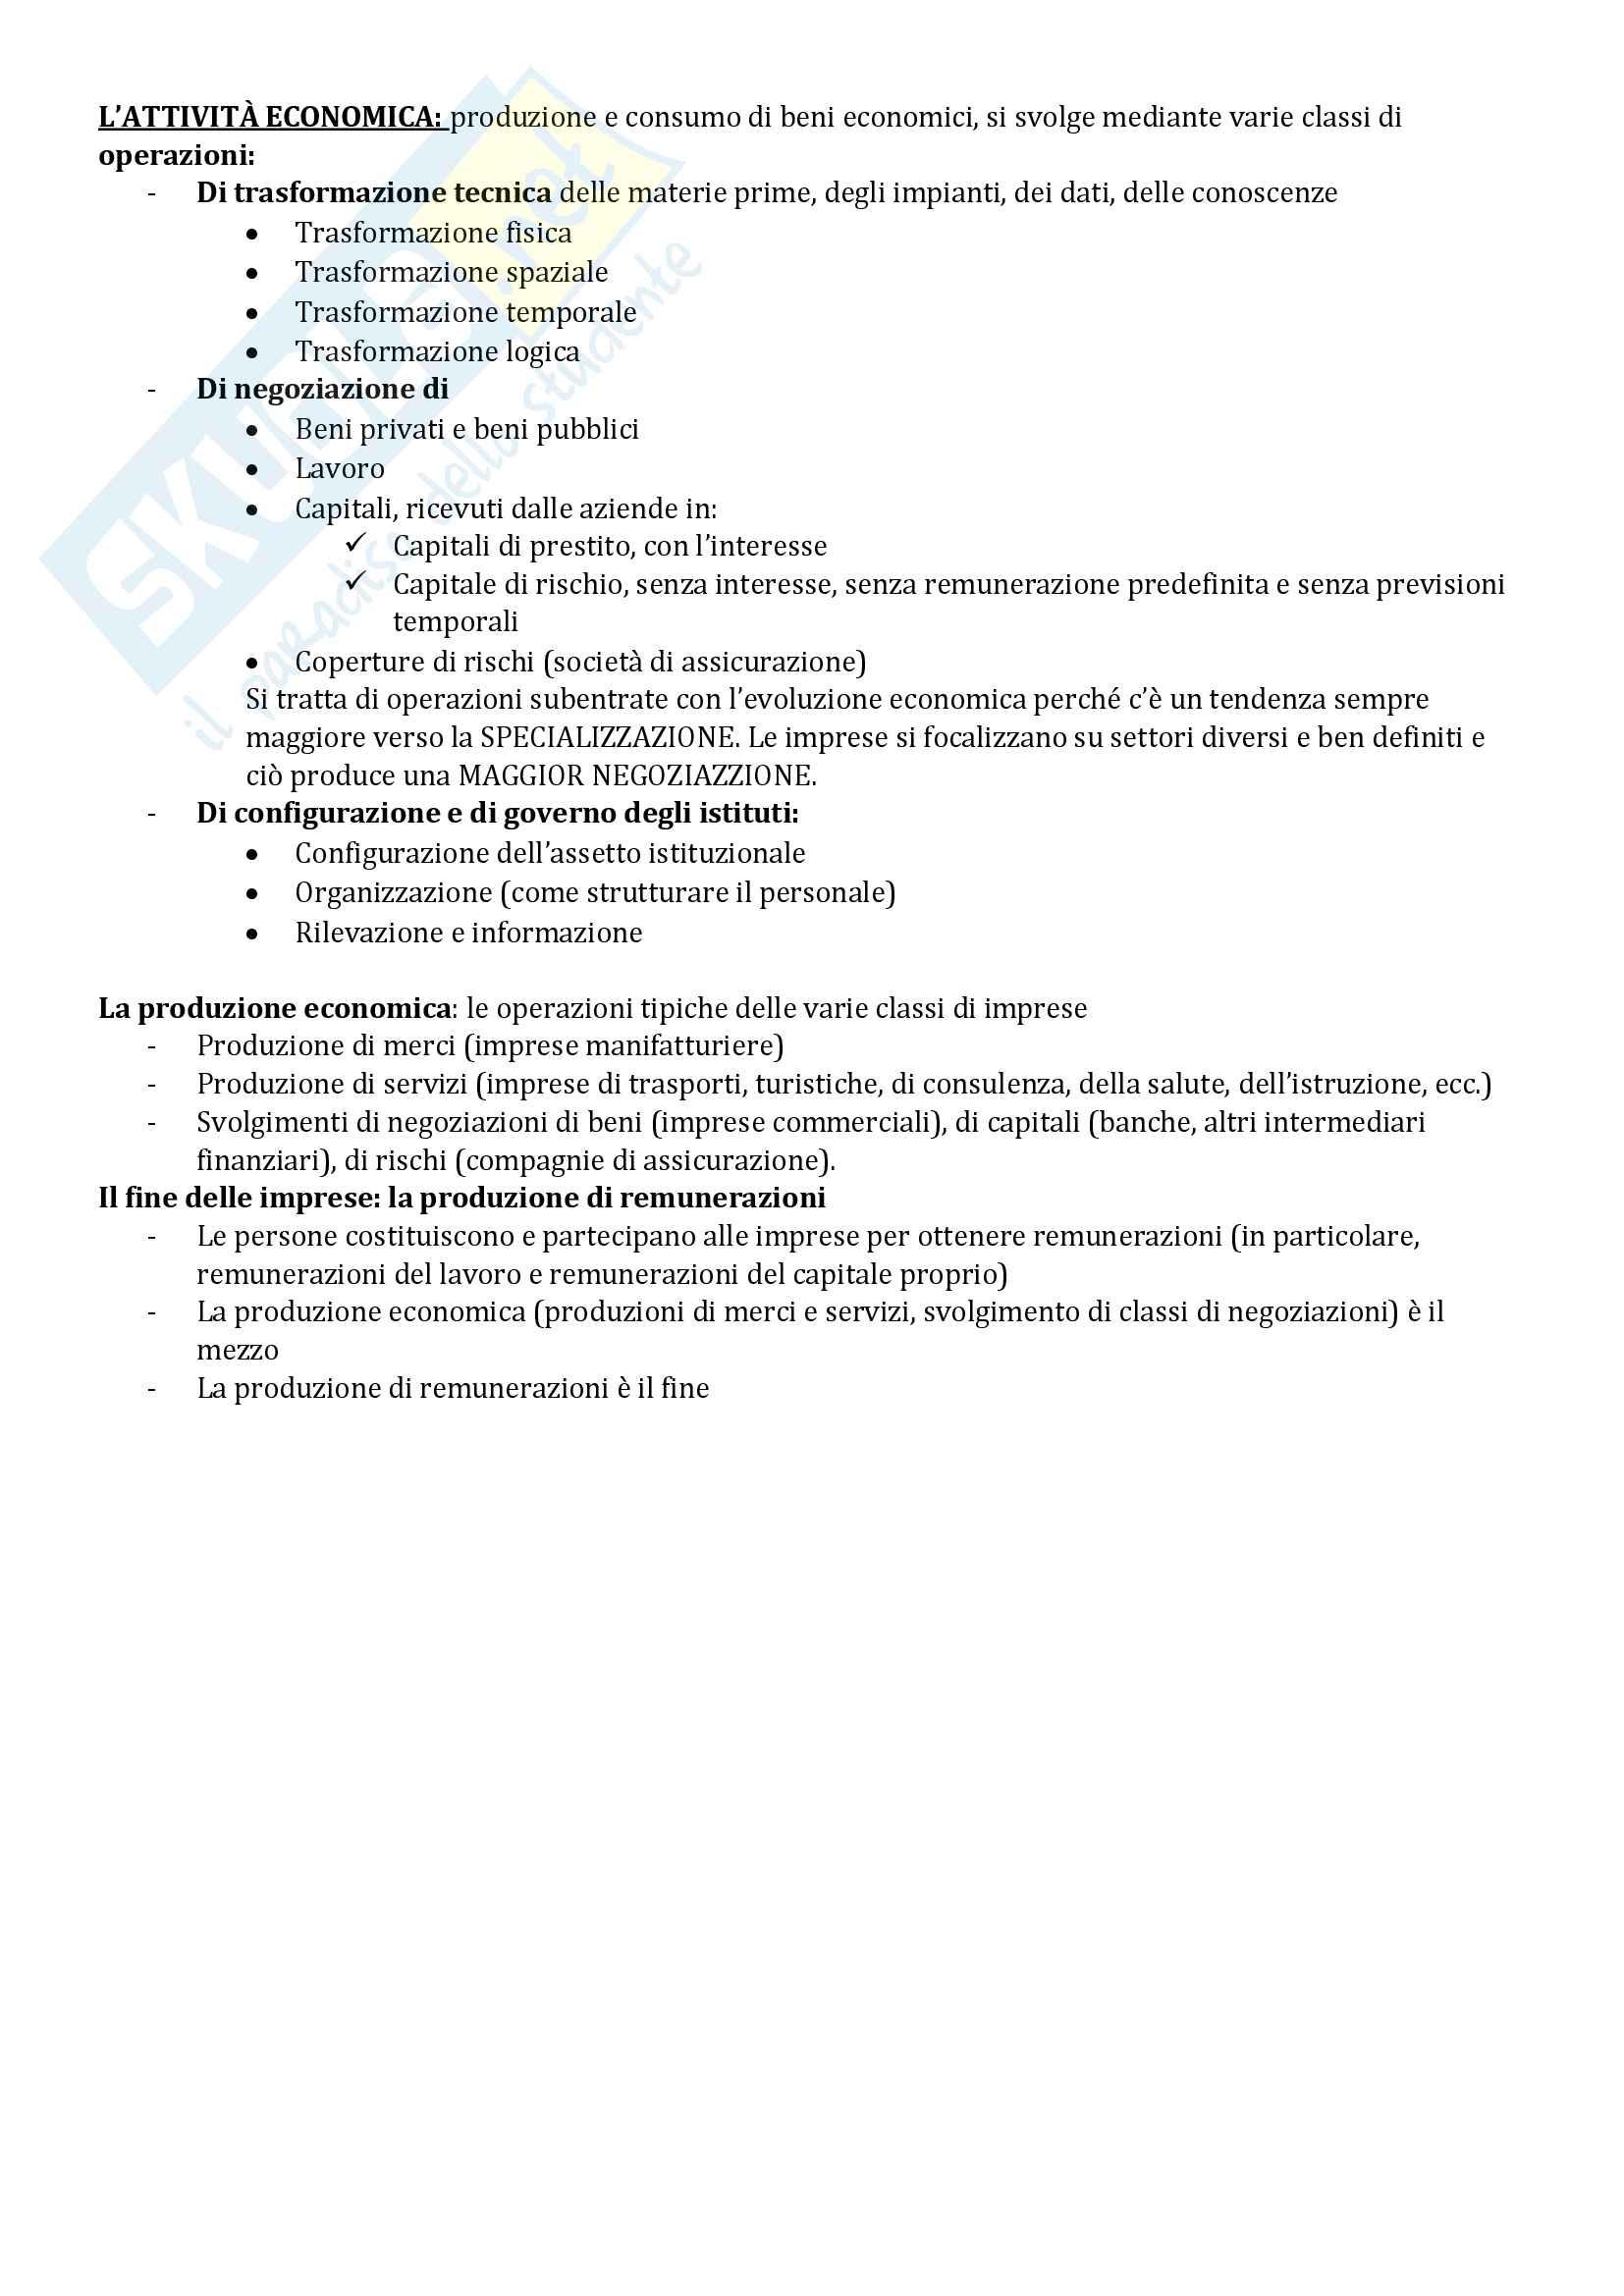 Riassunto esame Economia Aziendale, libro consigliato Corso di Economia Aziendale. ABC: Airoldi, Brunetti e Coda, Il Mulino